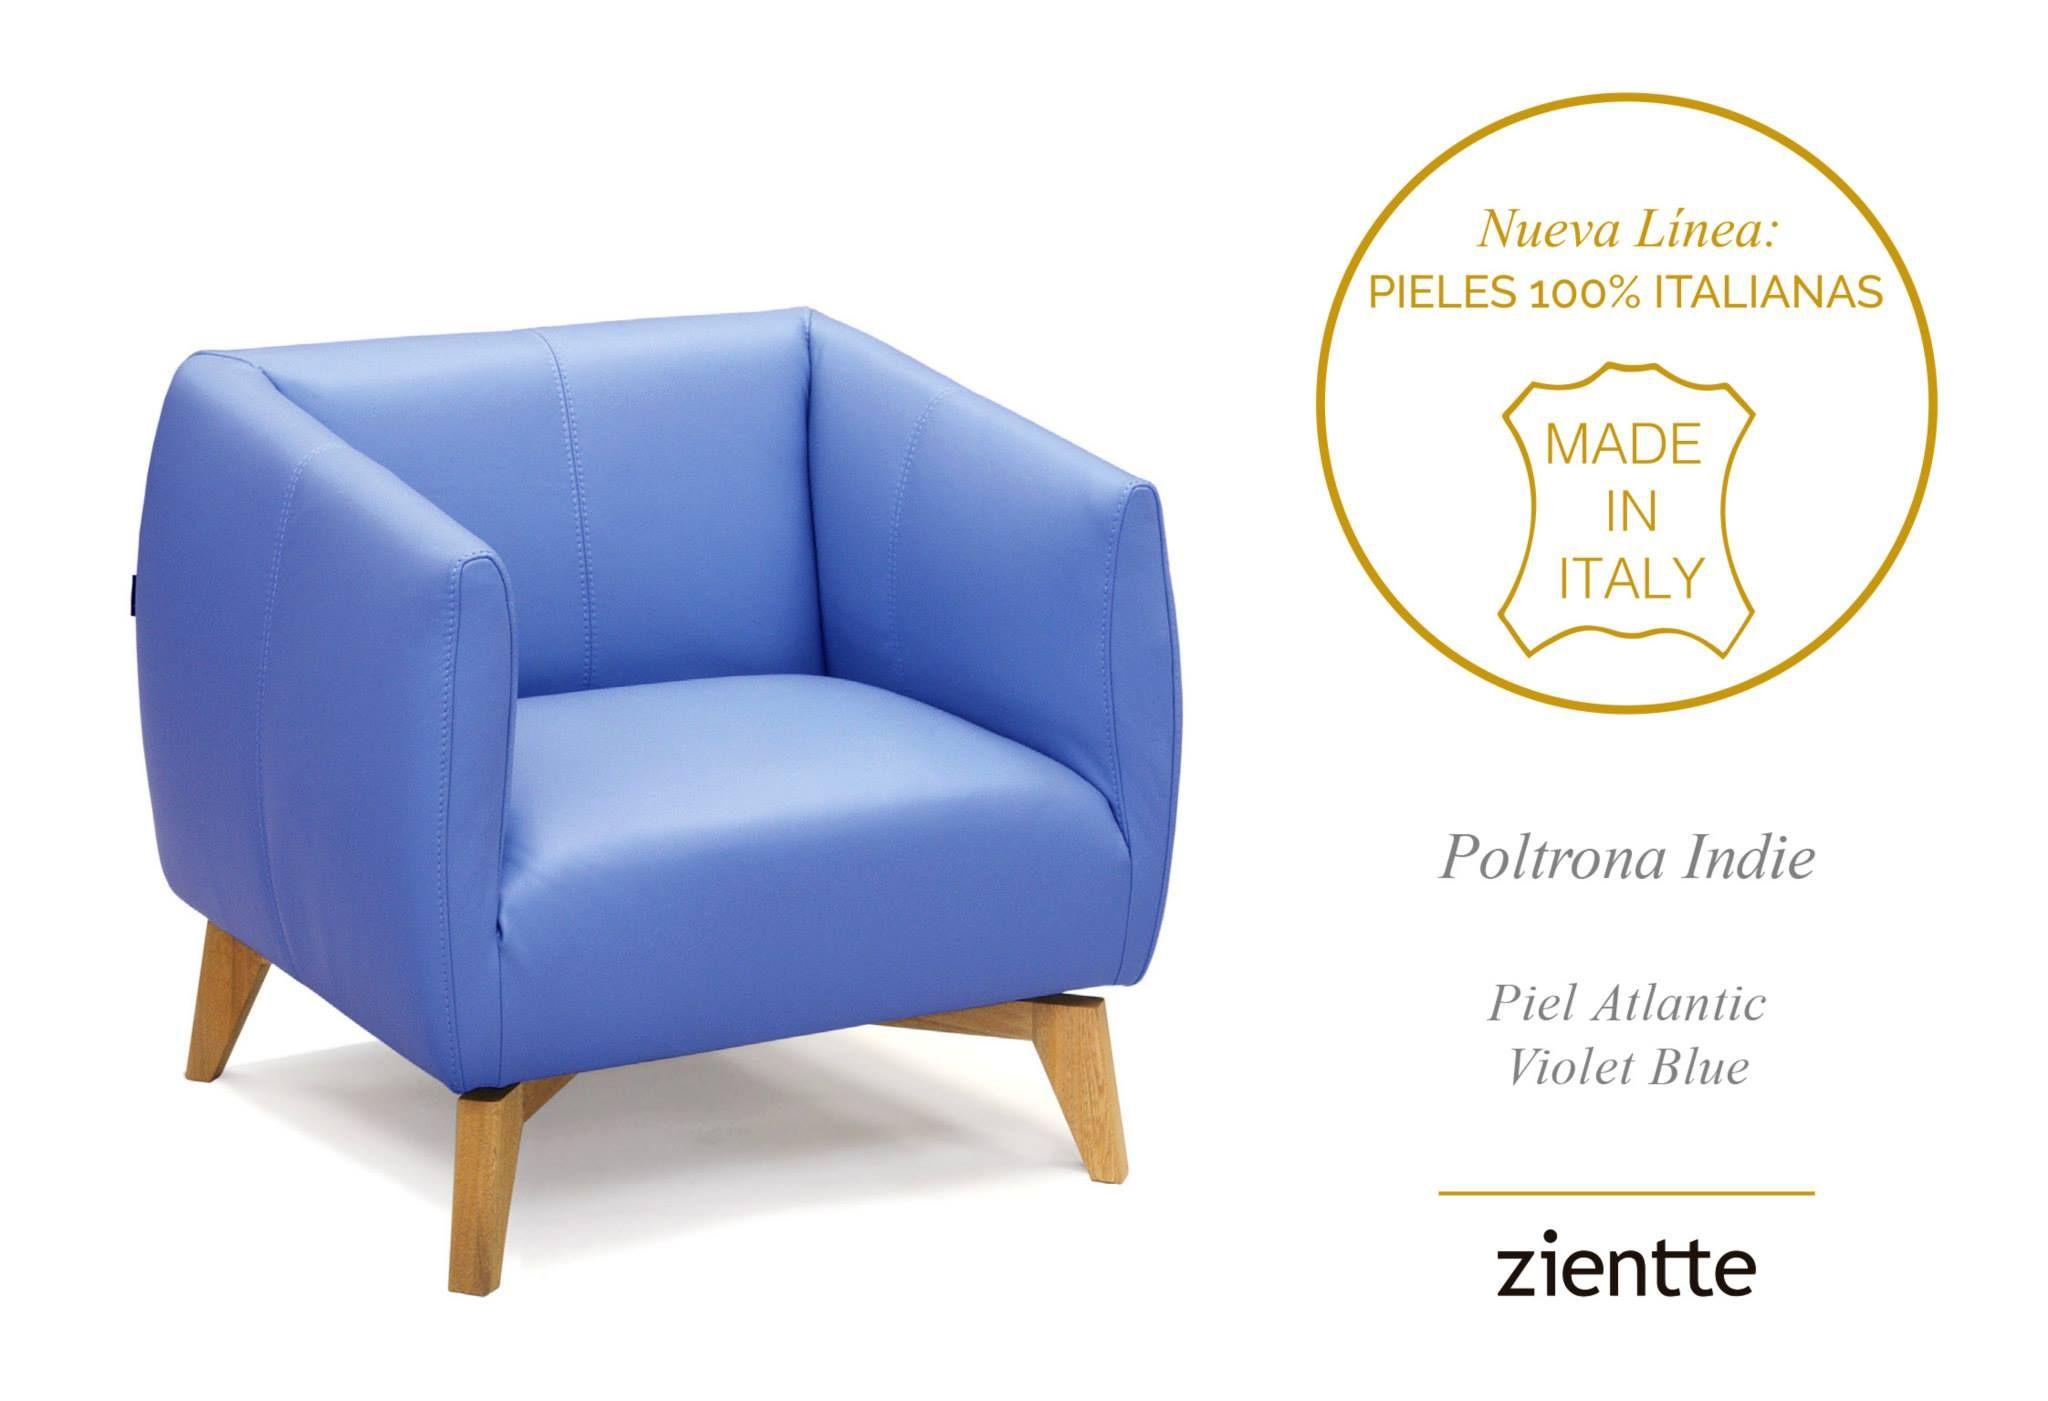 Nuevas Pieles Italianas En Nuestras Piezas Calidad Y Buen Gusto  # Muebles Zientte